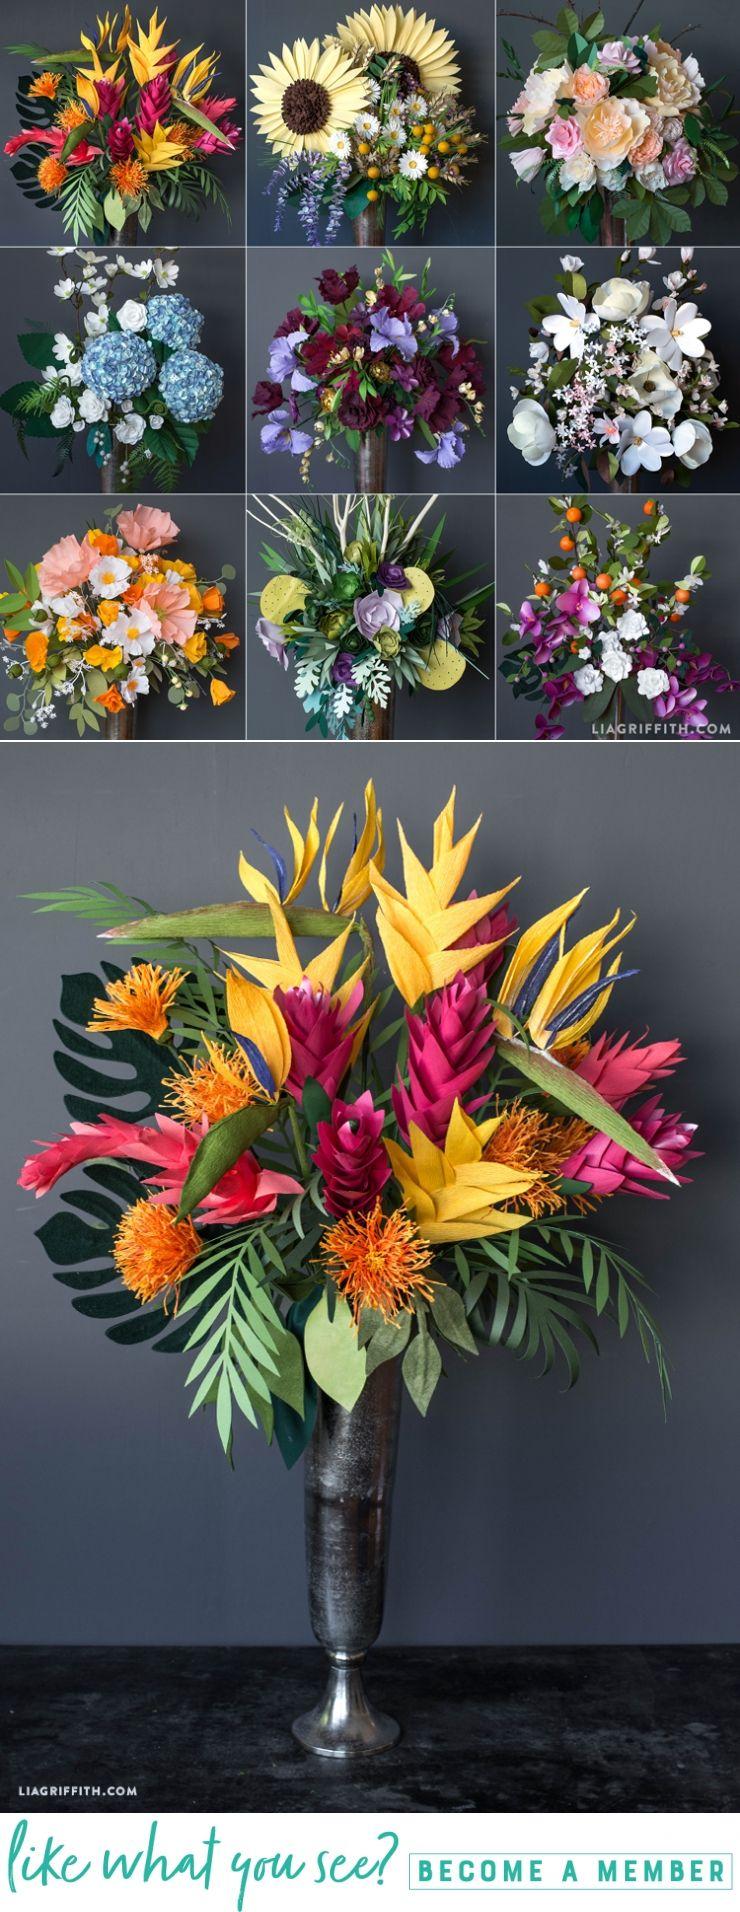 Giant Paper Flower Bouquets for Cricut | Pinterest | Flower bouquets ...